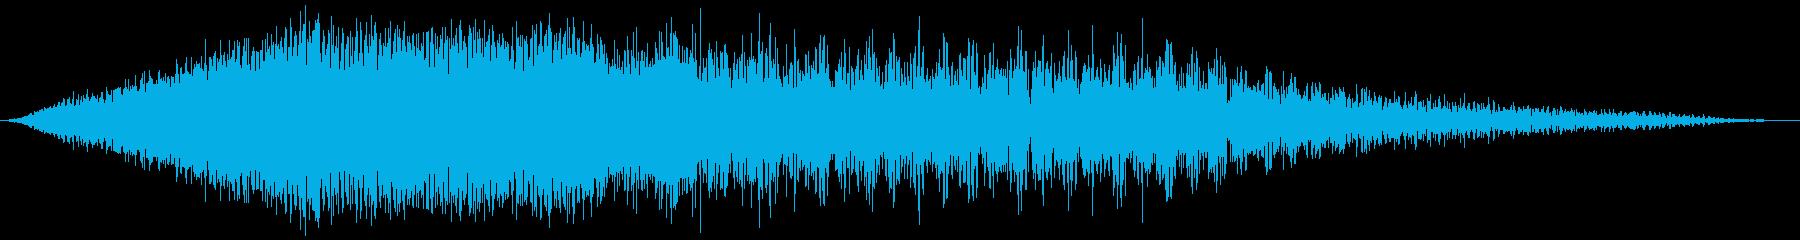 スキャンインフィルターデータスイープの再生済みの波形